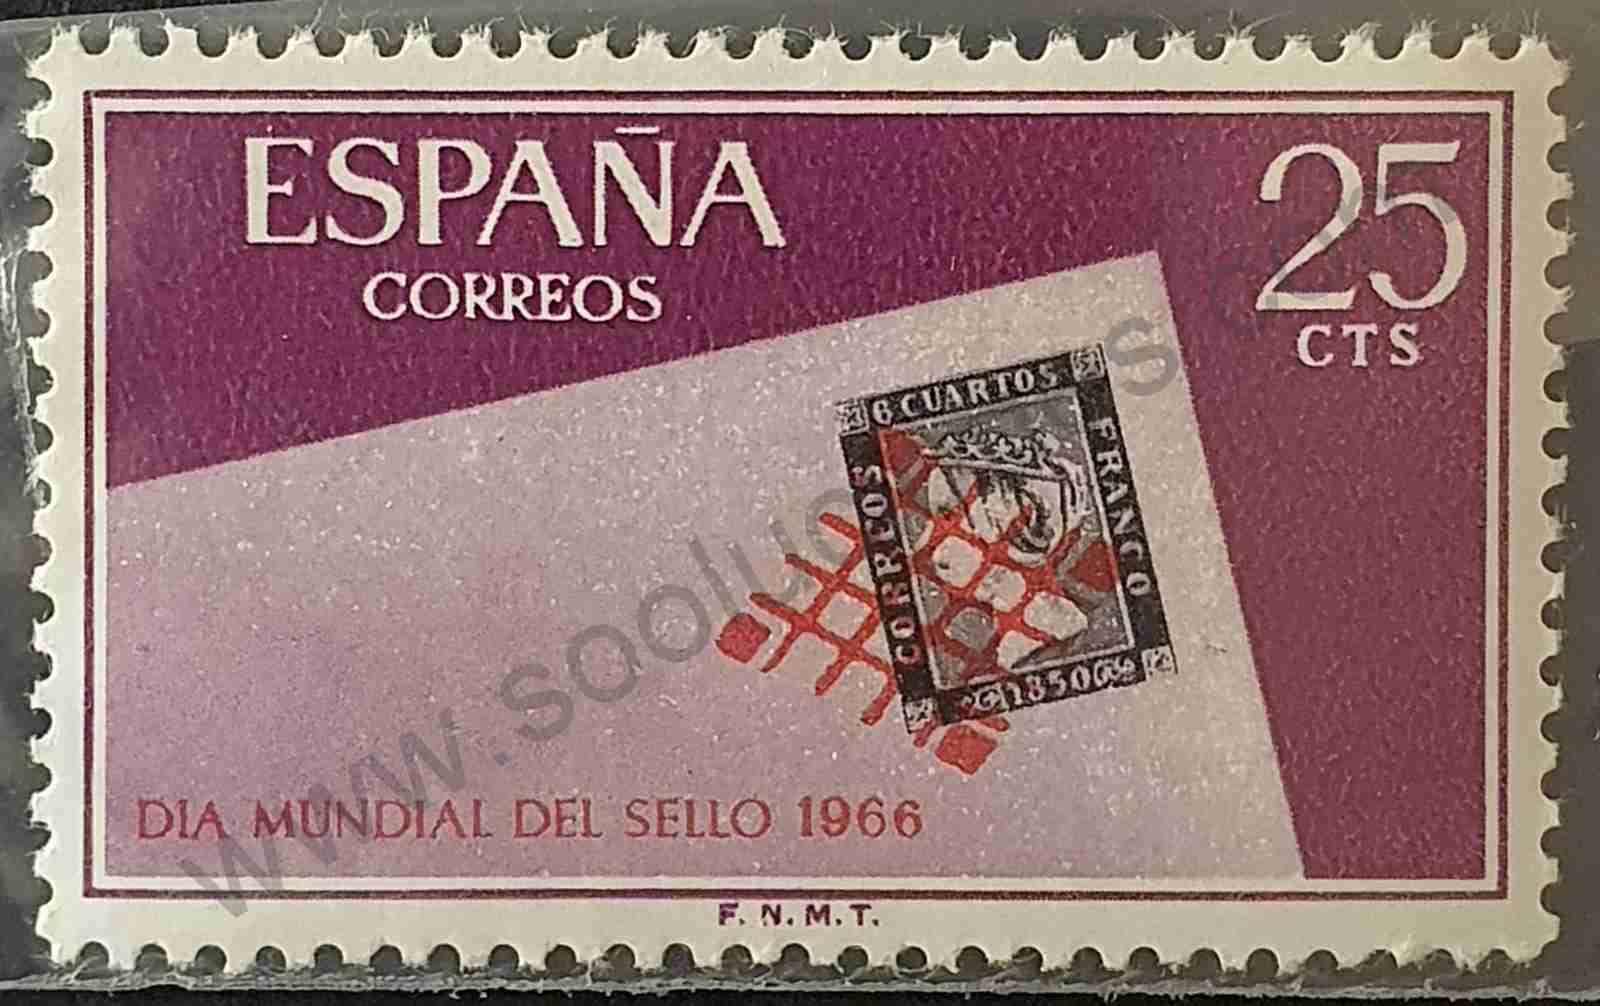 Día del sello 1966 - España 25 cts